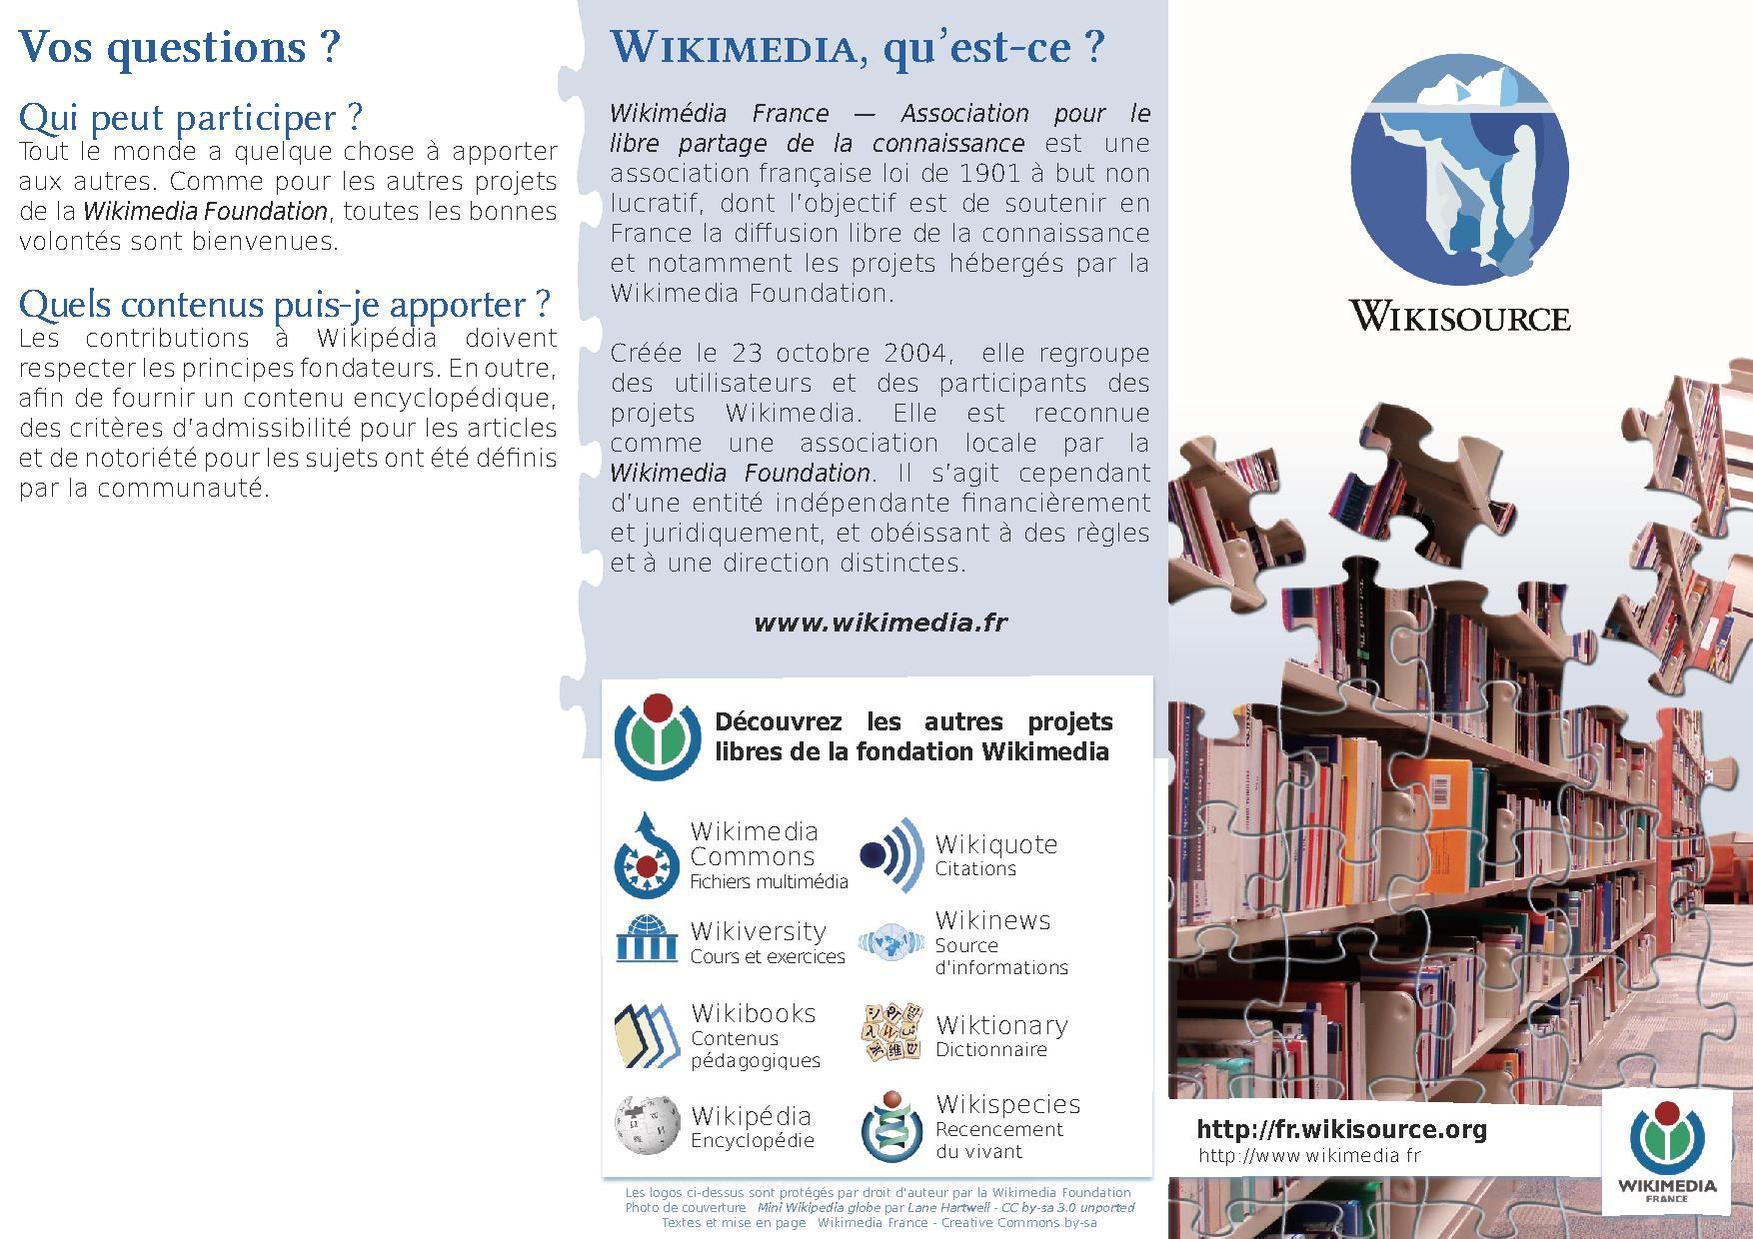 page1-1753px-Proto-flyer-wikisource.pdf Meilleur De De Rallonge De Table Synonyme Schème